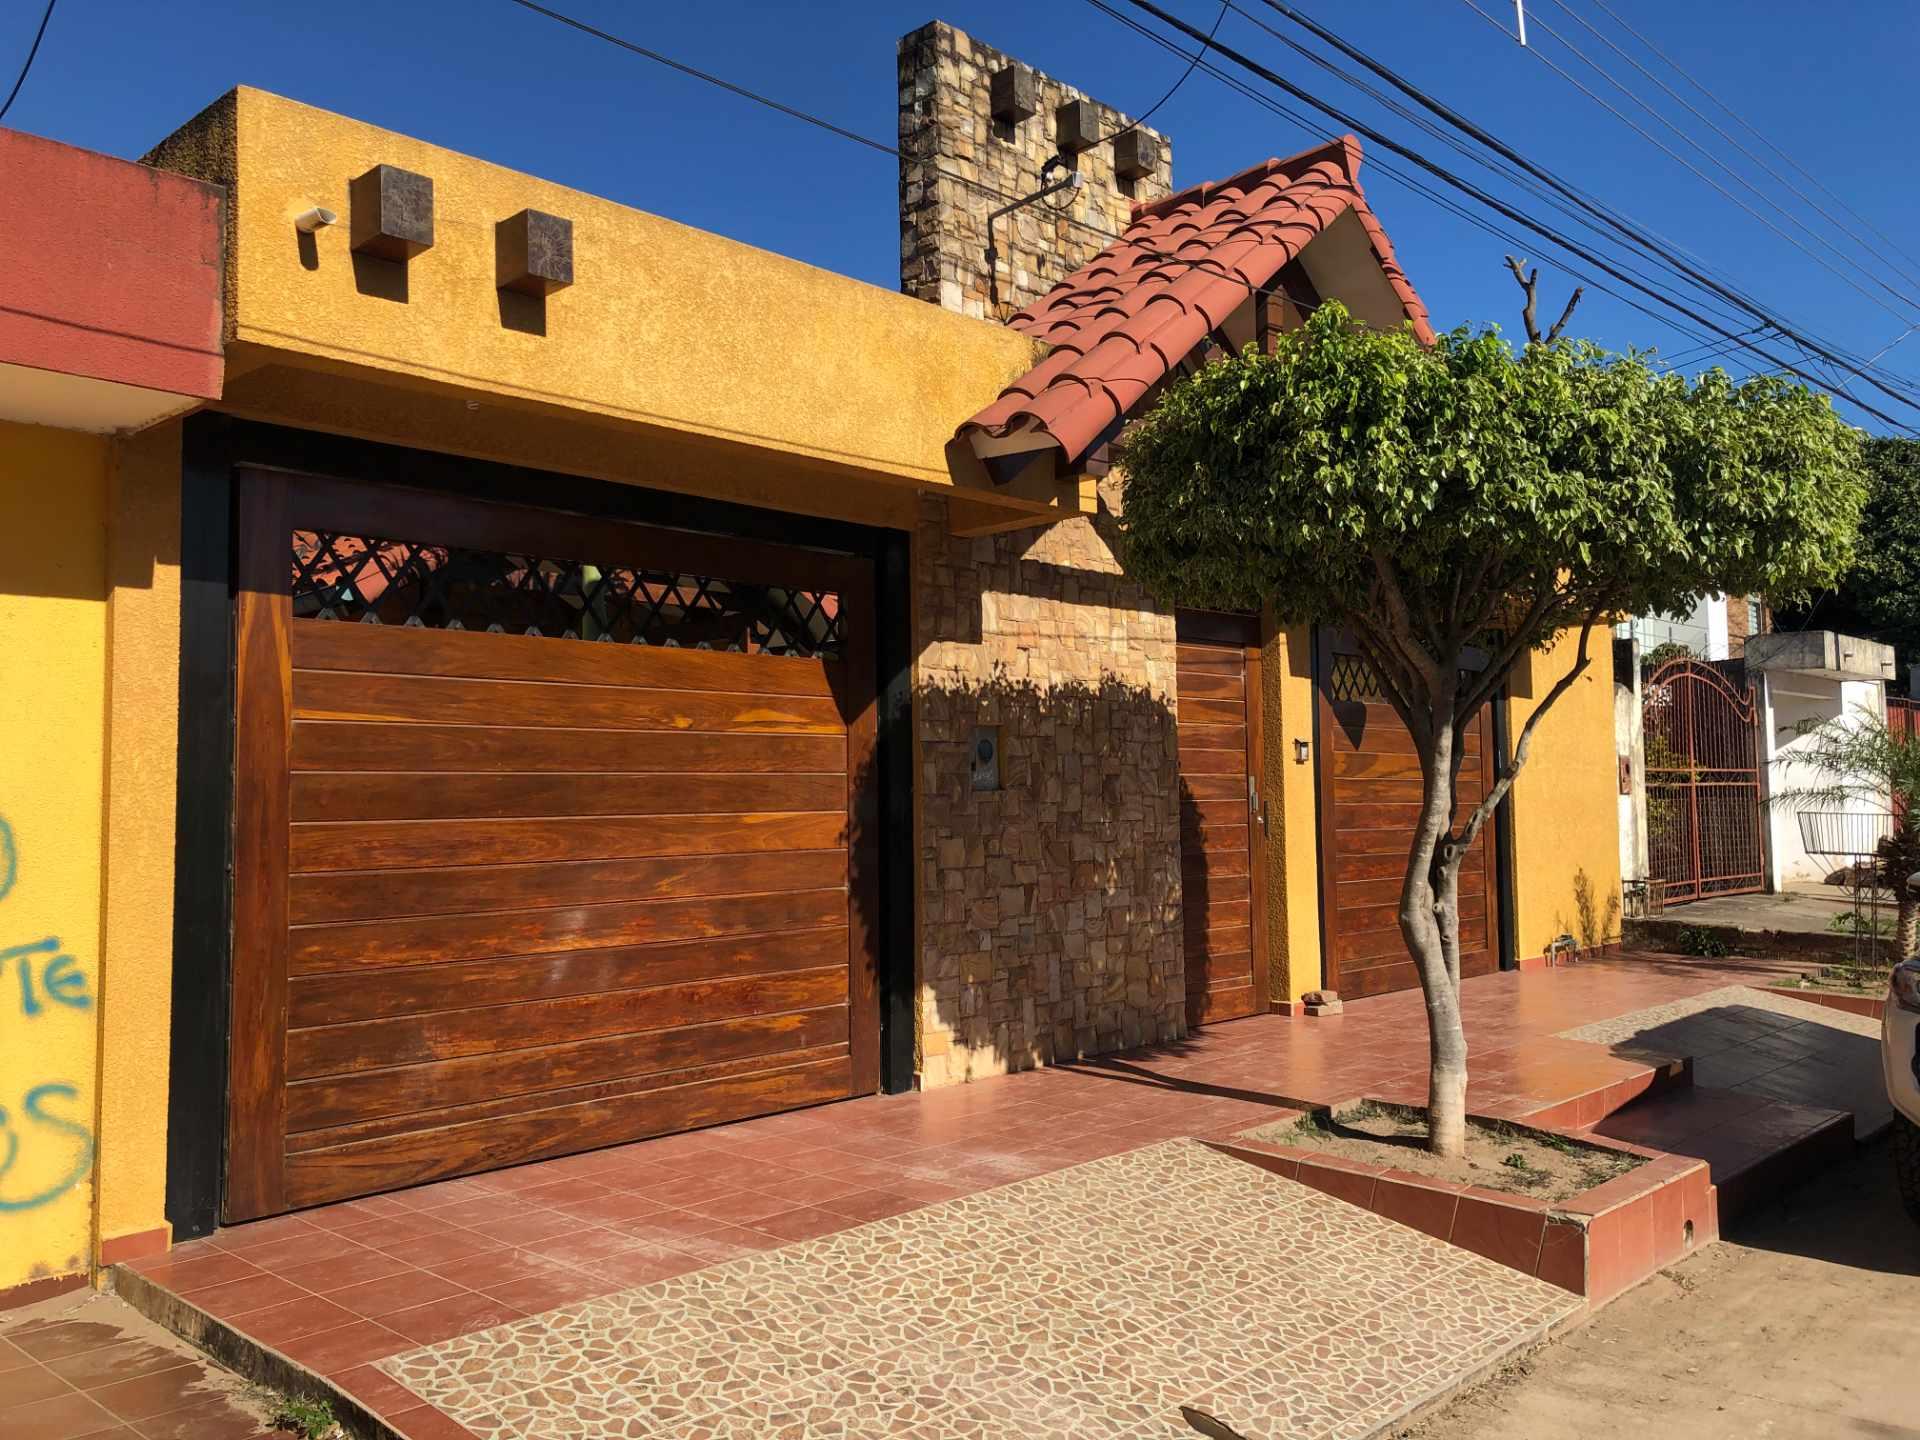 Casa en Venta Los Tusequis, Avenida 2 de Agosto Calle Zula. Foto 9